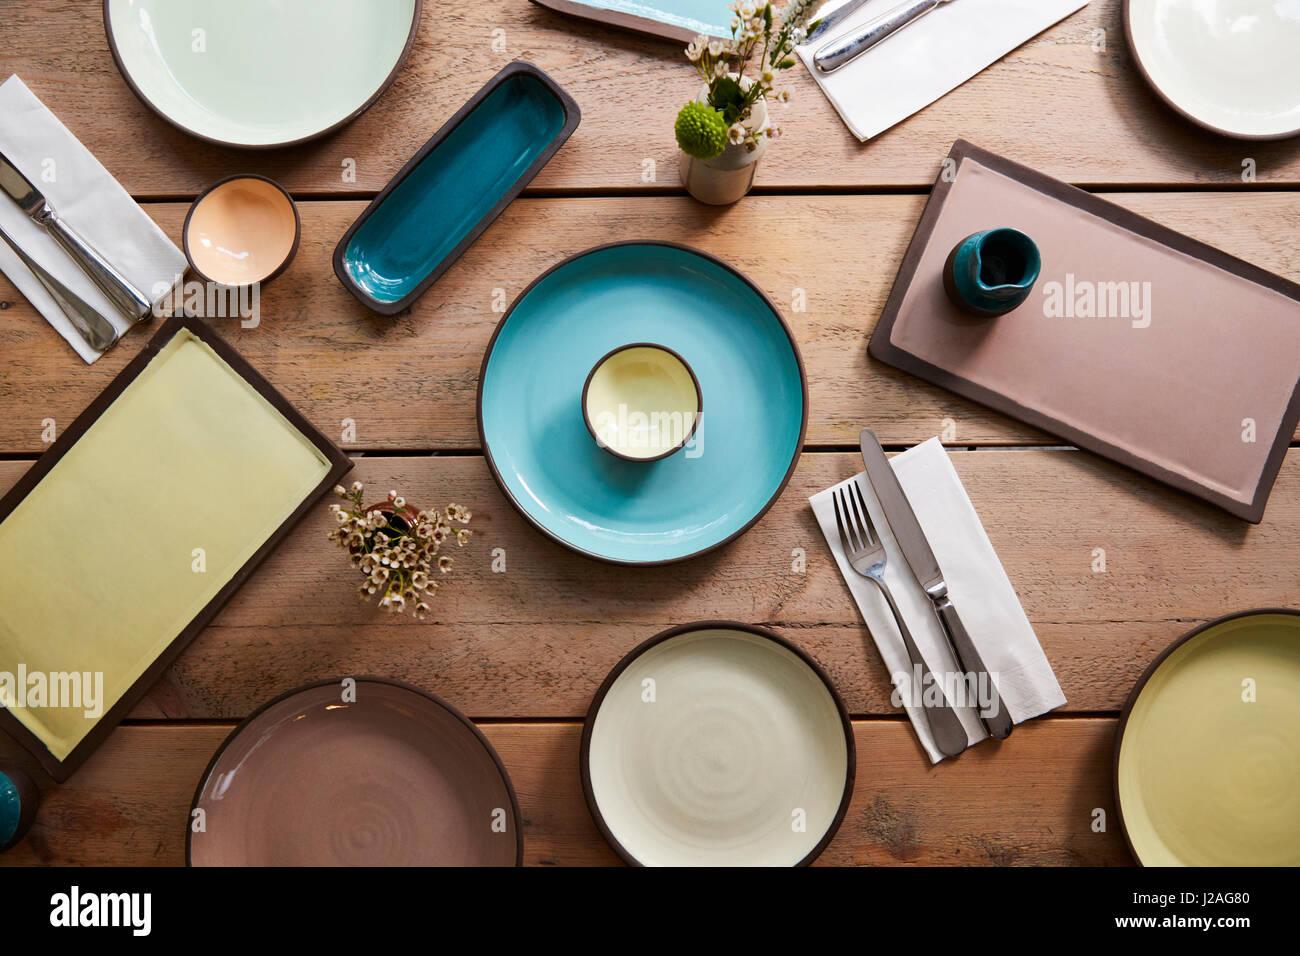 Handgemachte Keramik und Besteck auf dem Tisch, über Kopf gedreht Stockfoto